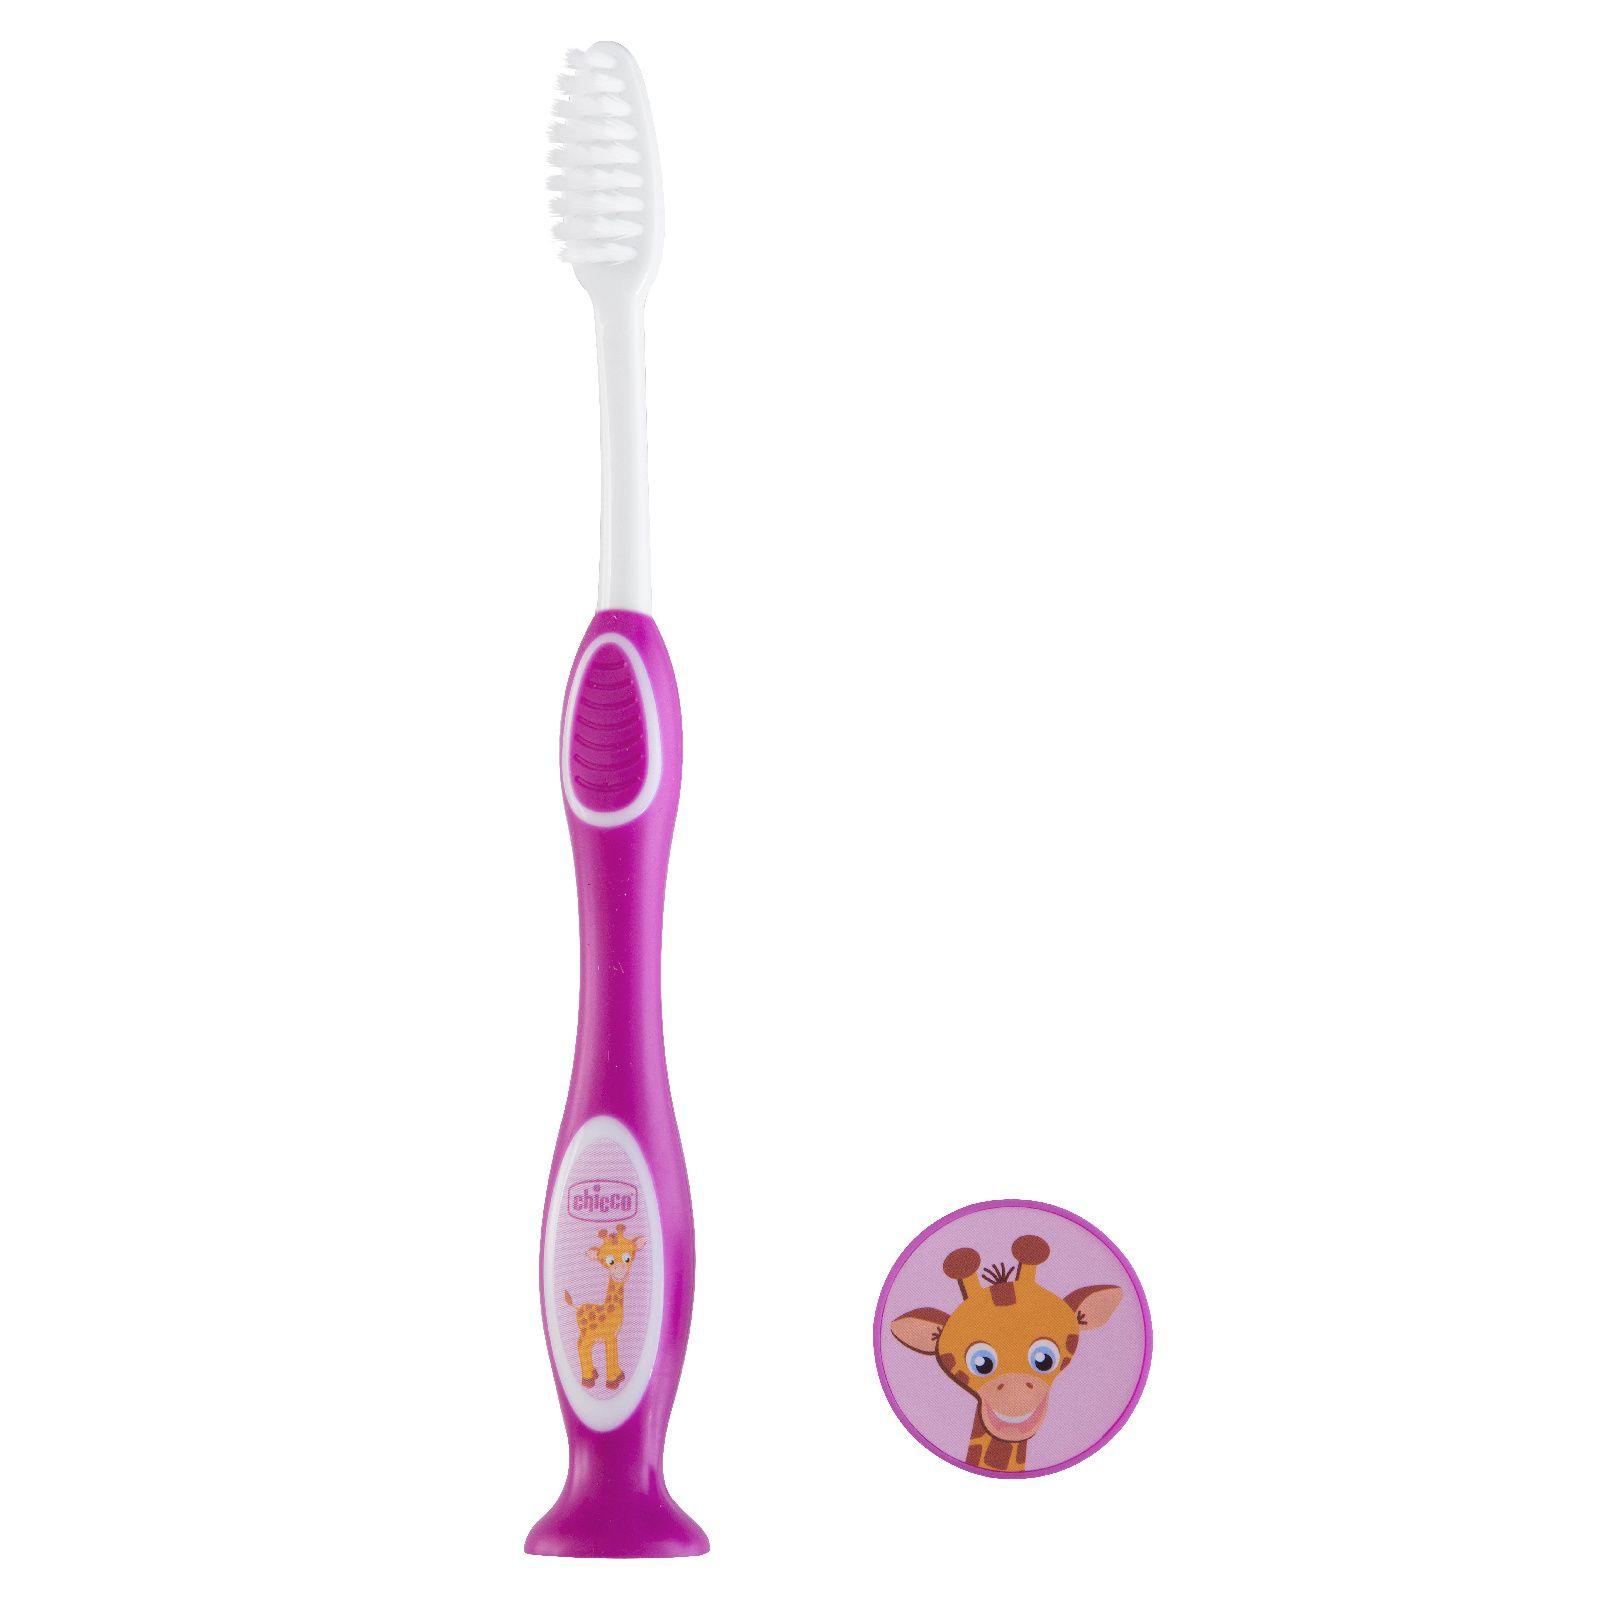 Зубная щетка с присоской Chicco Жираф фиолетовая, 3г+